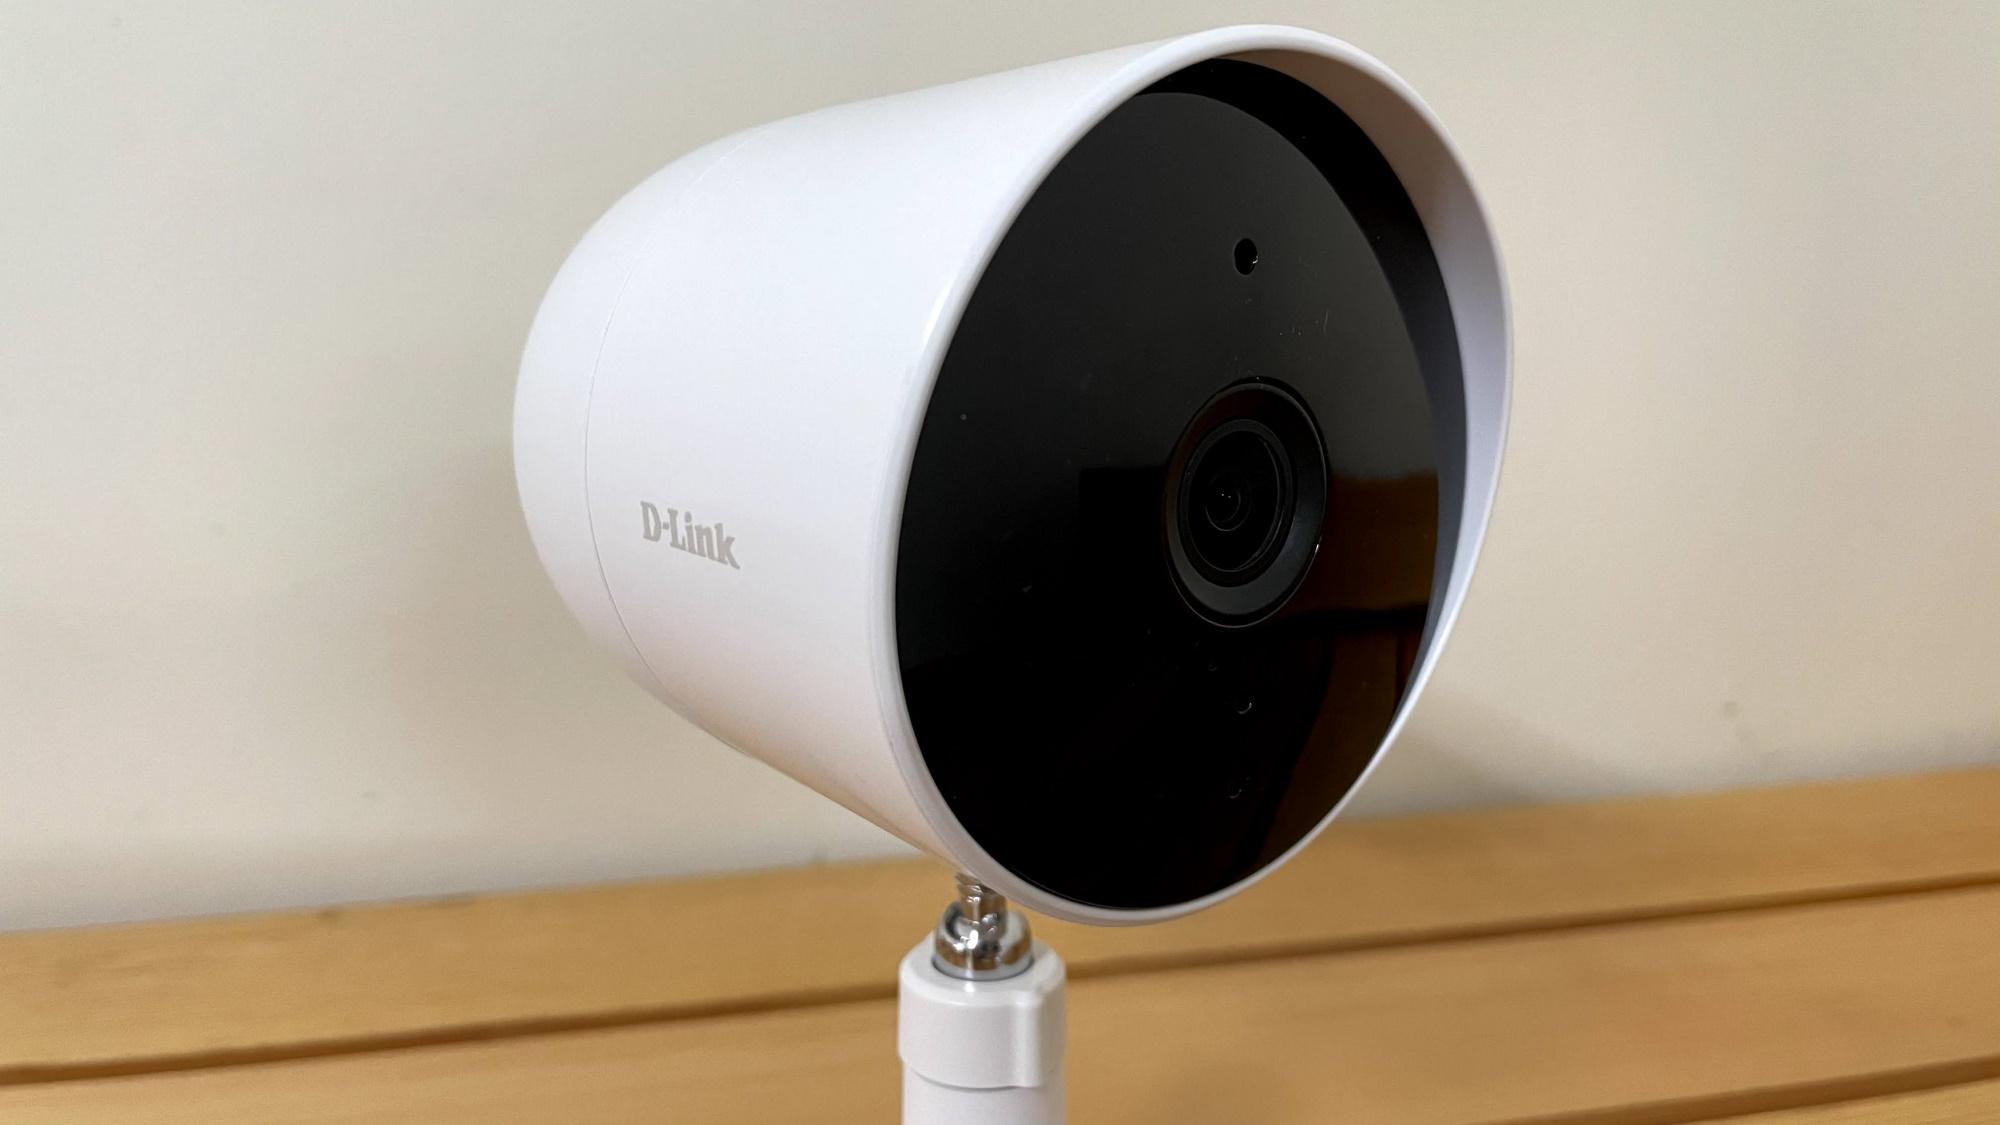 D-Link DCS-8302LH Full HD Wi-Fi Camera